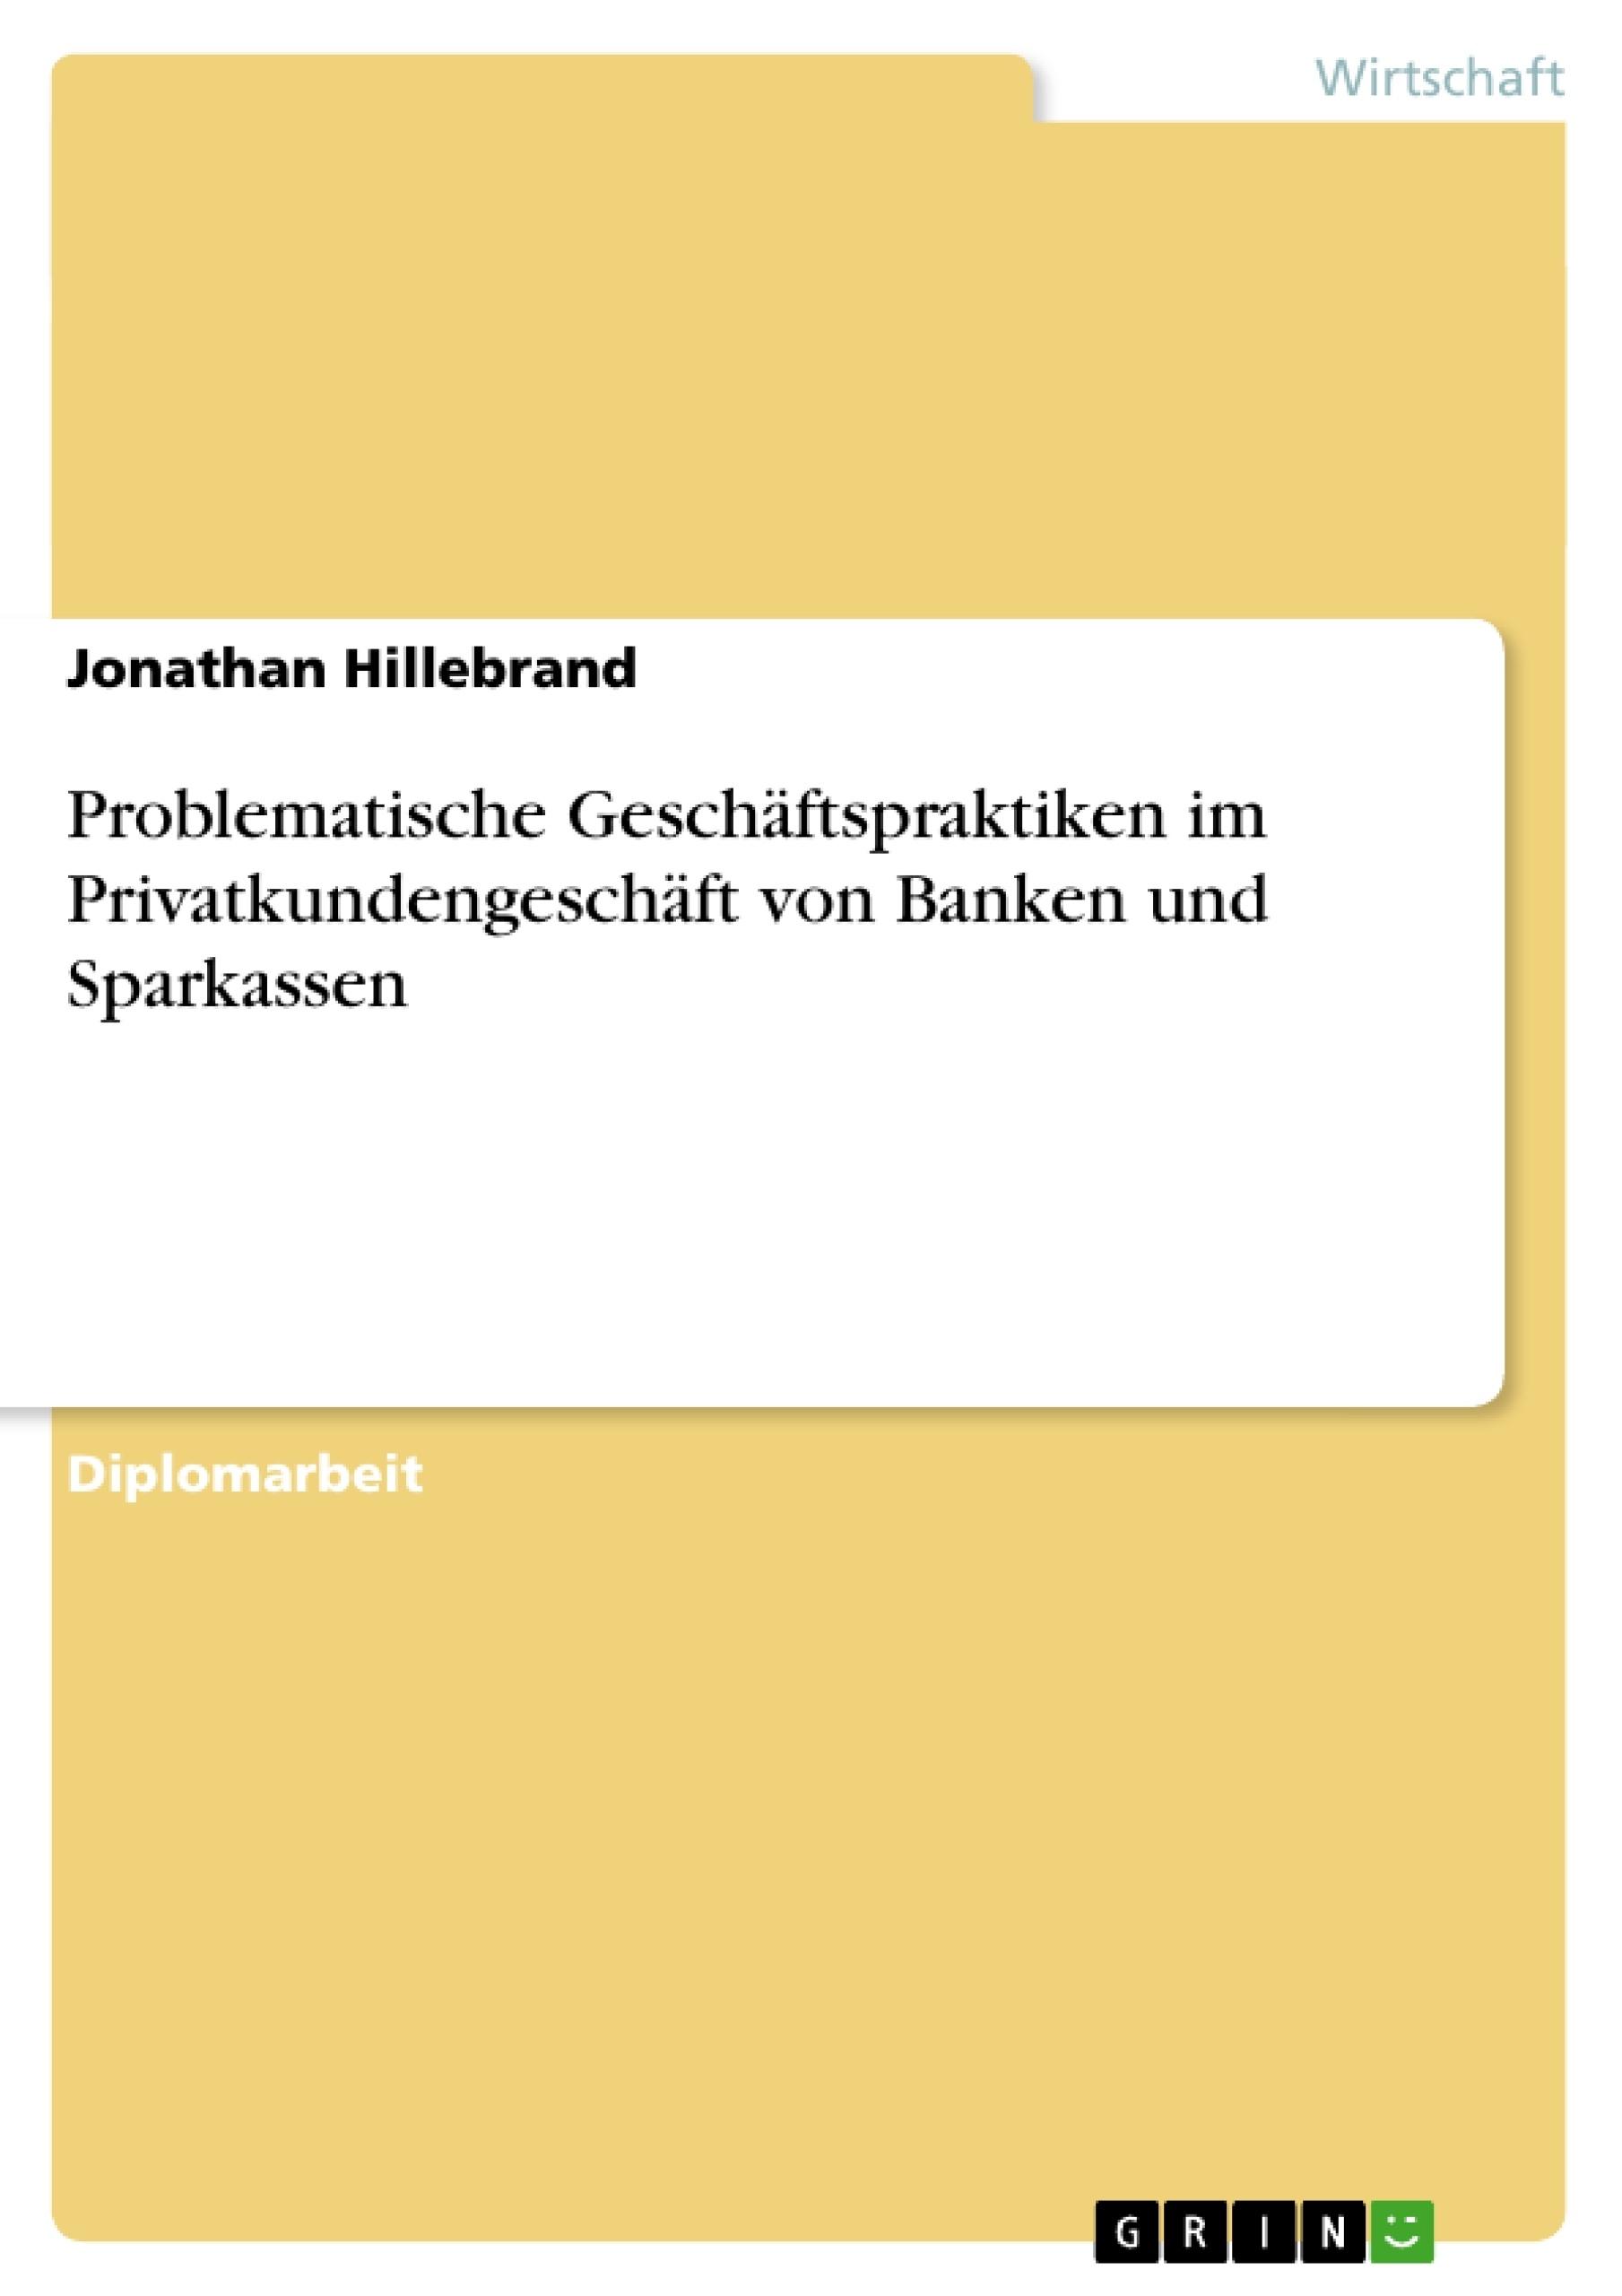 Titel: Problematische Geschäftspraktiken im Privatkundengeschäft von Banken und Sparkassen